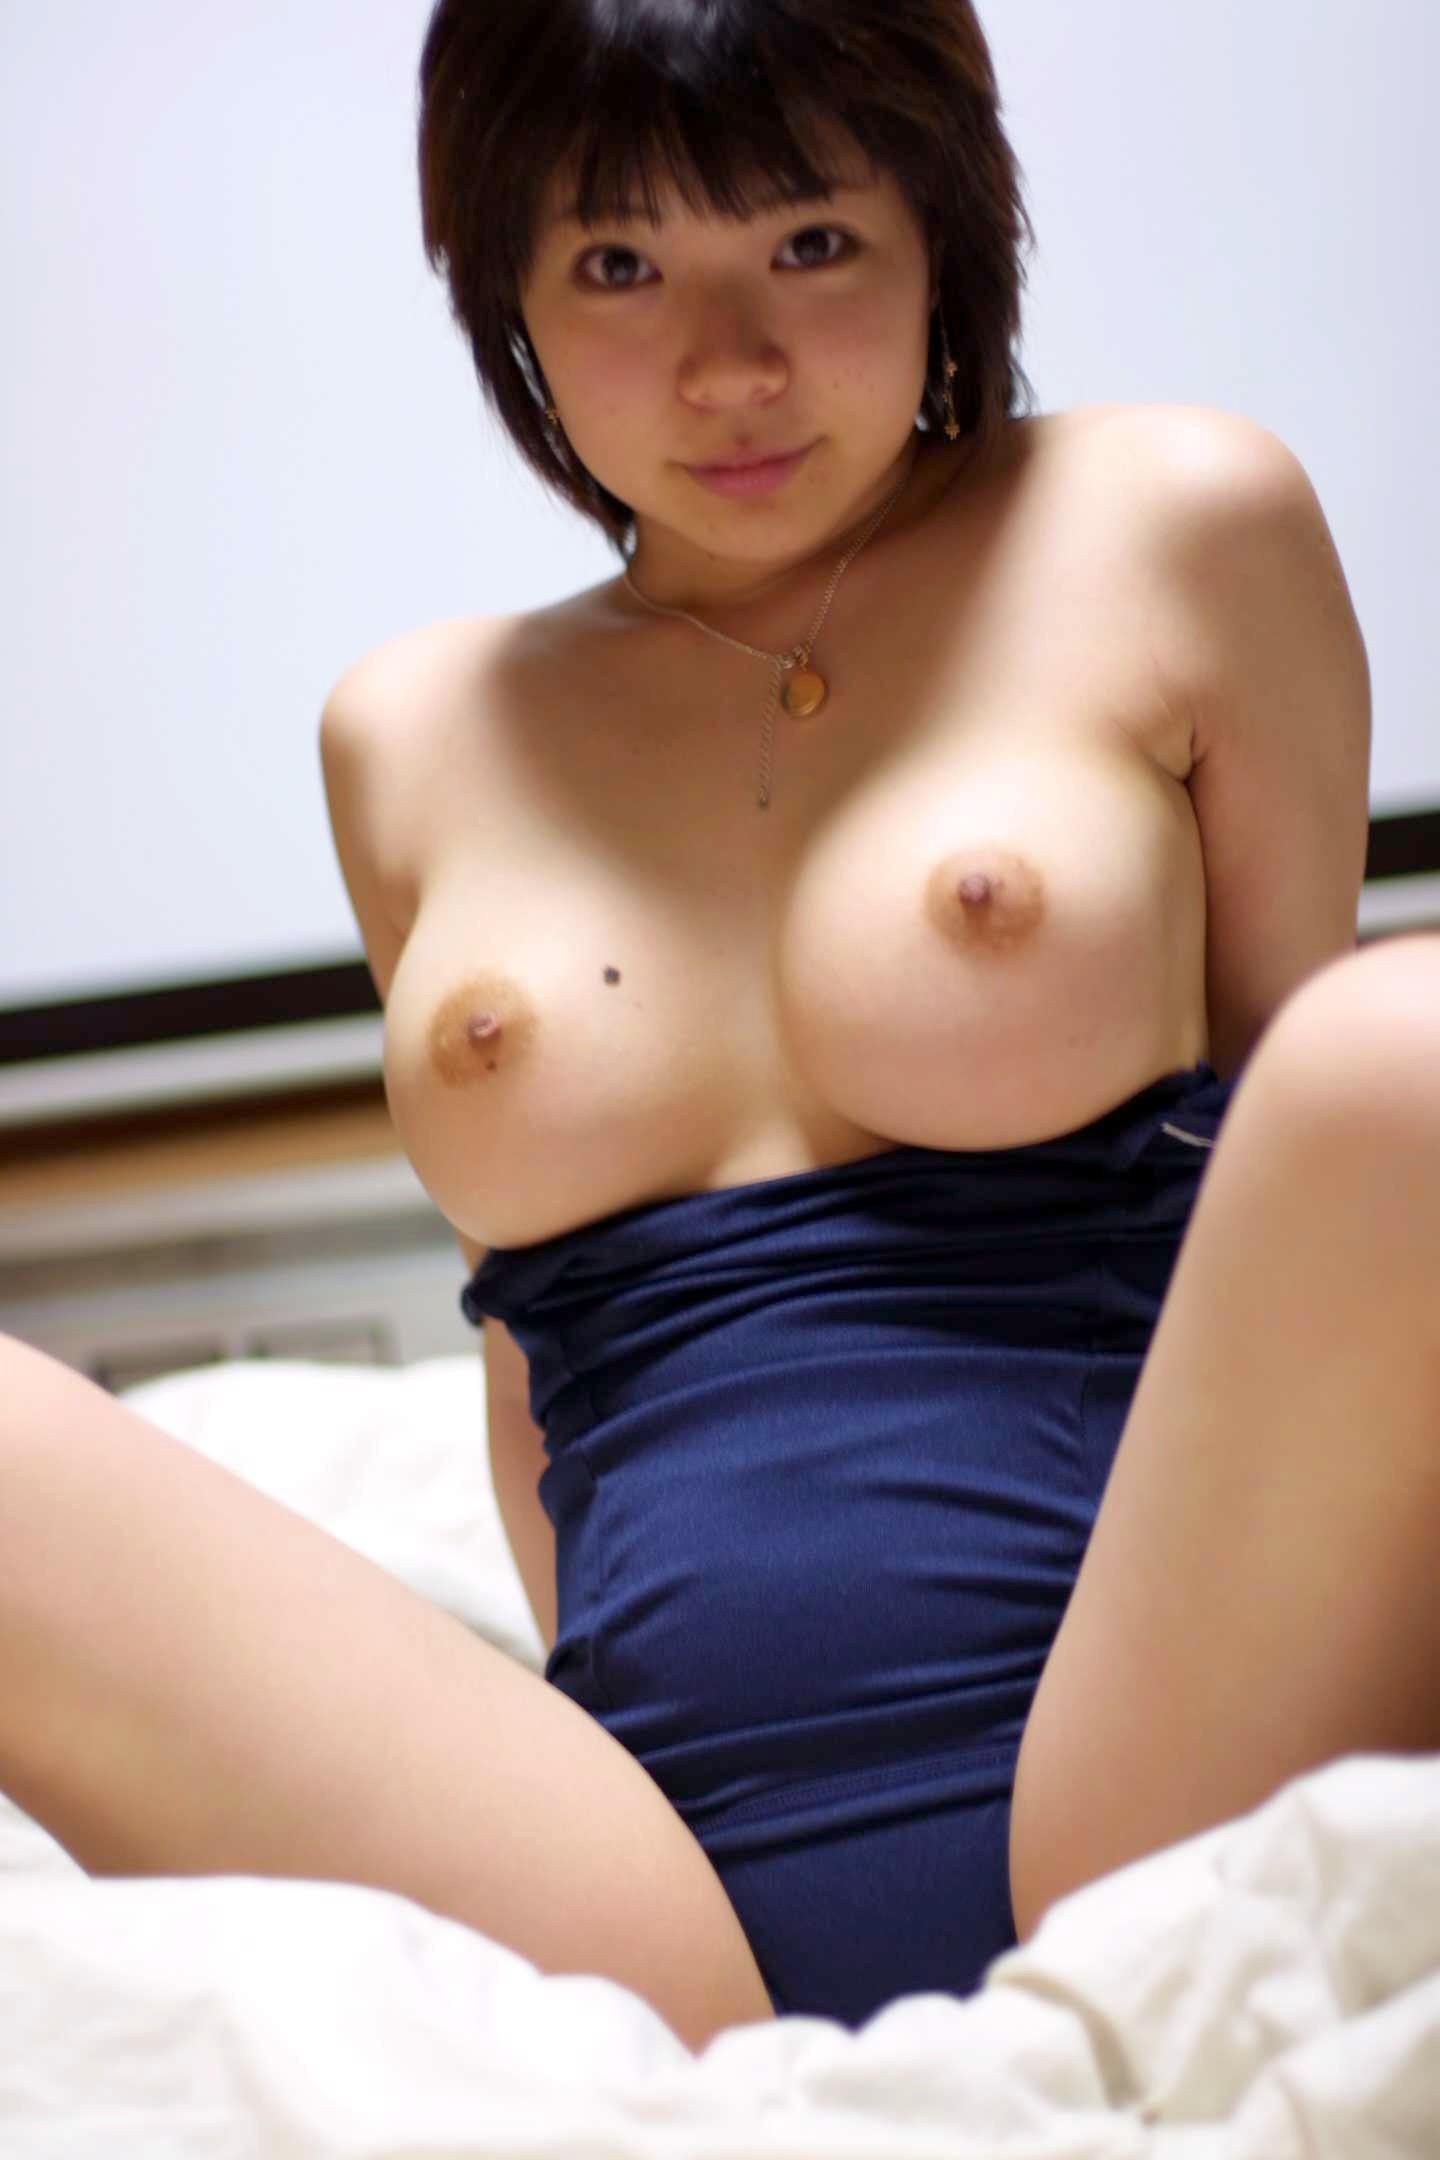 ショートカットでおっぱい巨乳の女子wwwwwwwwwwwwwwwww 5k01225